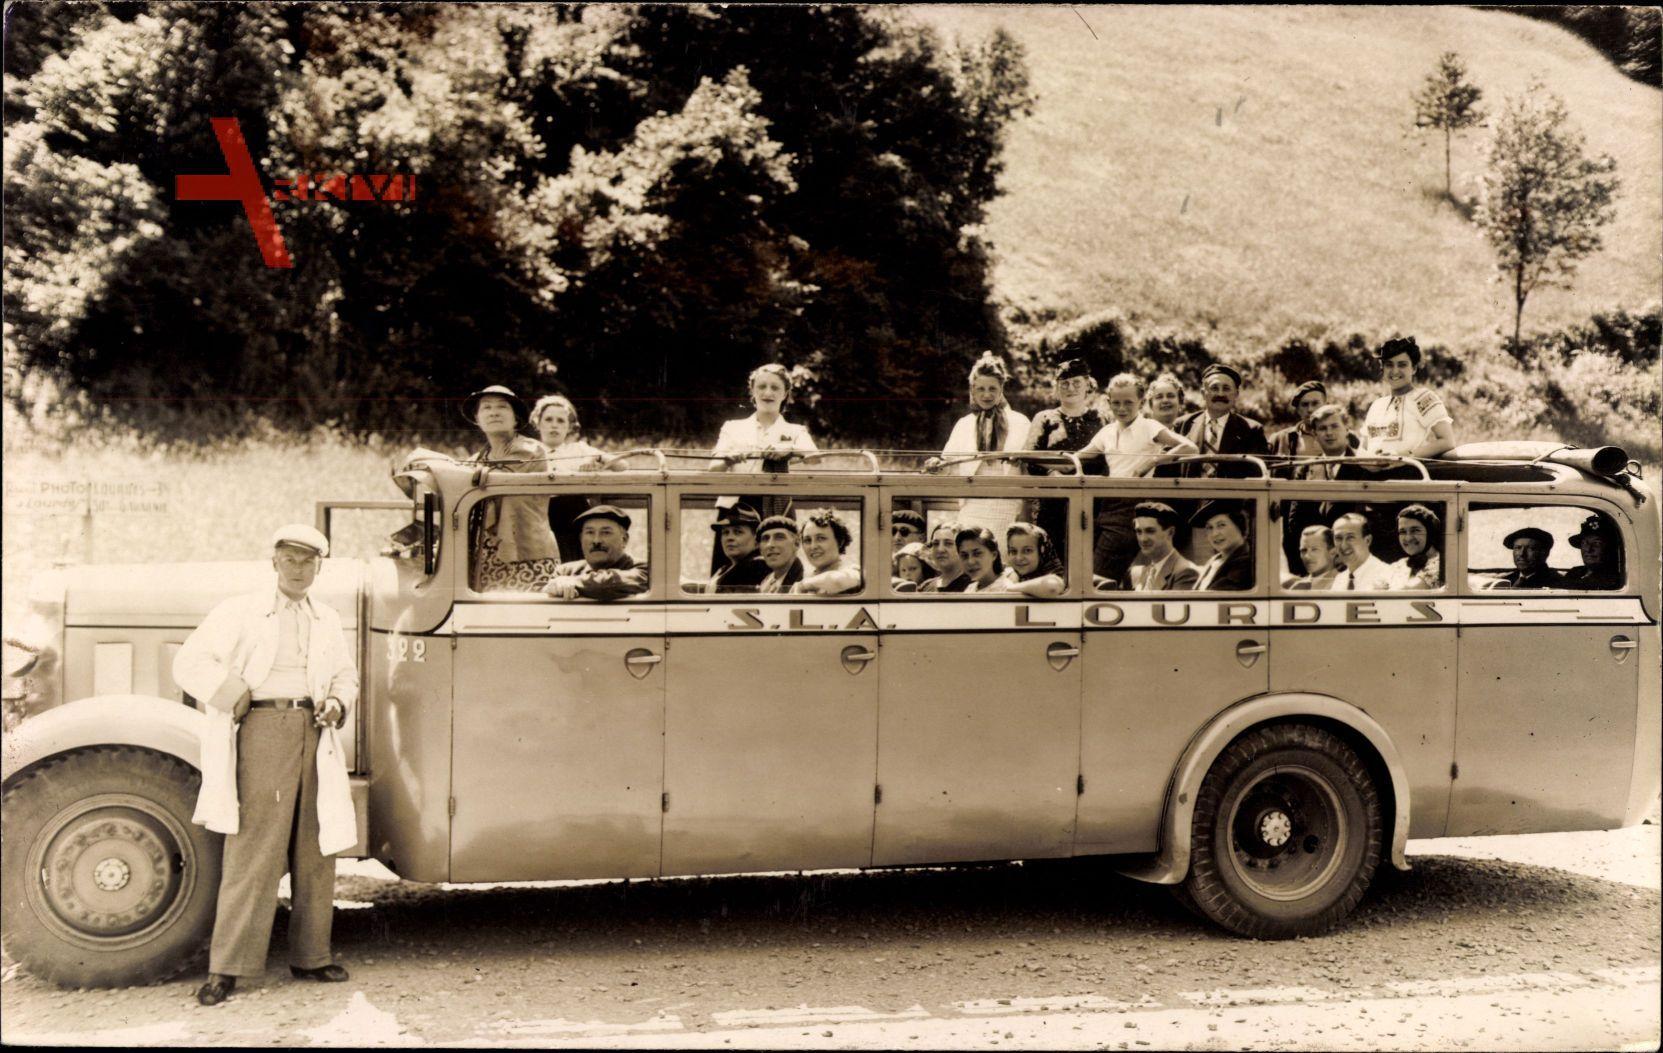 Lourdes, Reisebus, Offenes Verdeck, Passagiere, Pilgerfahrt